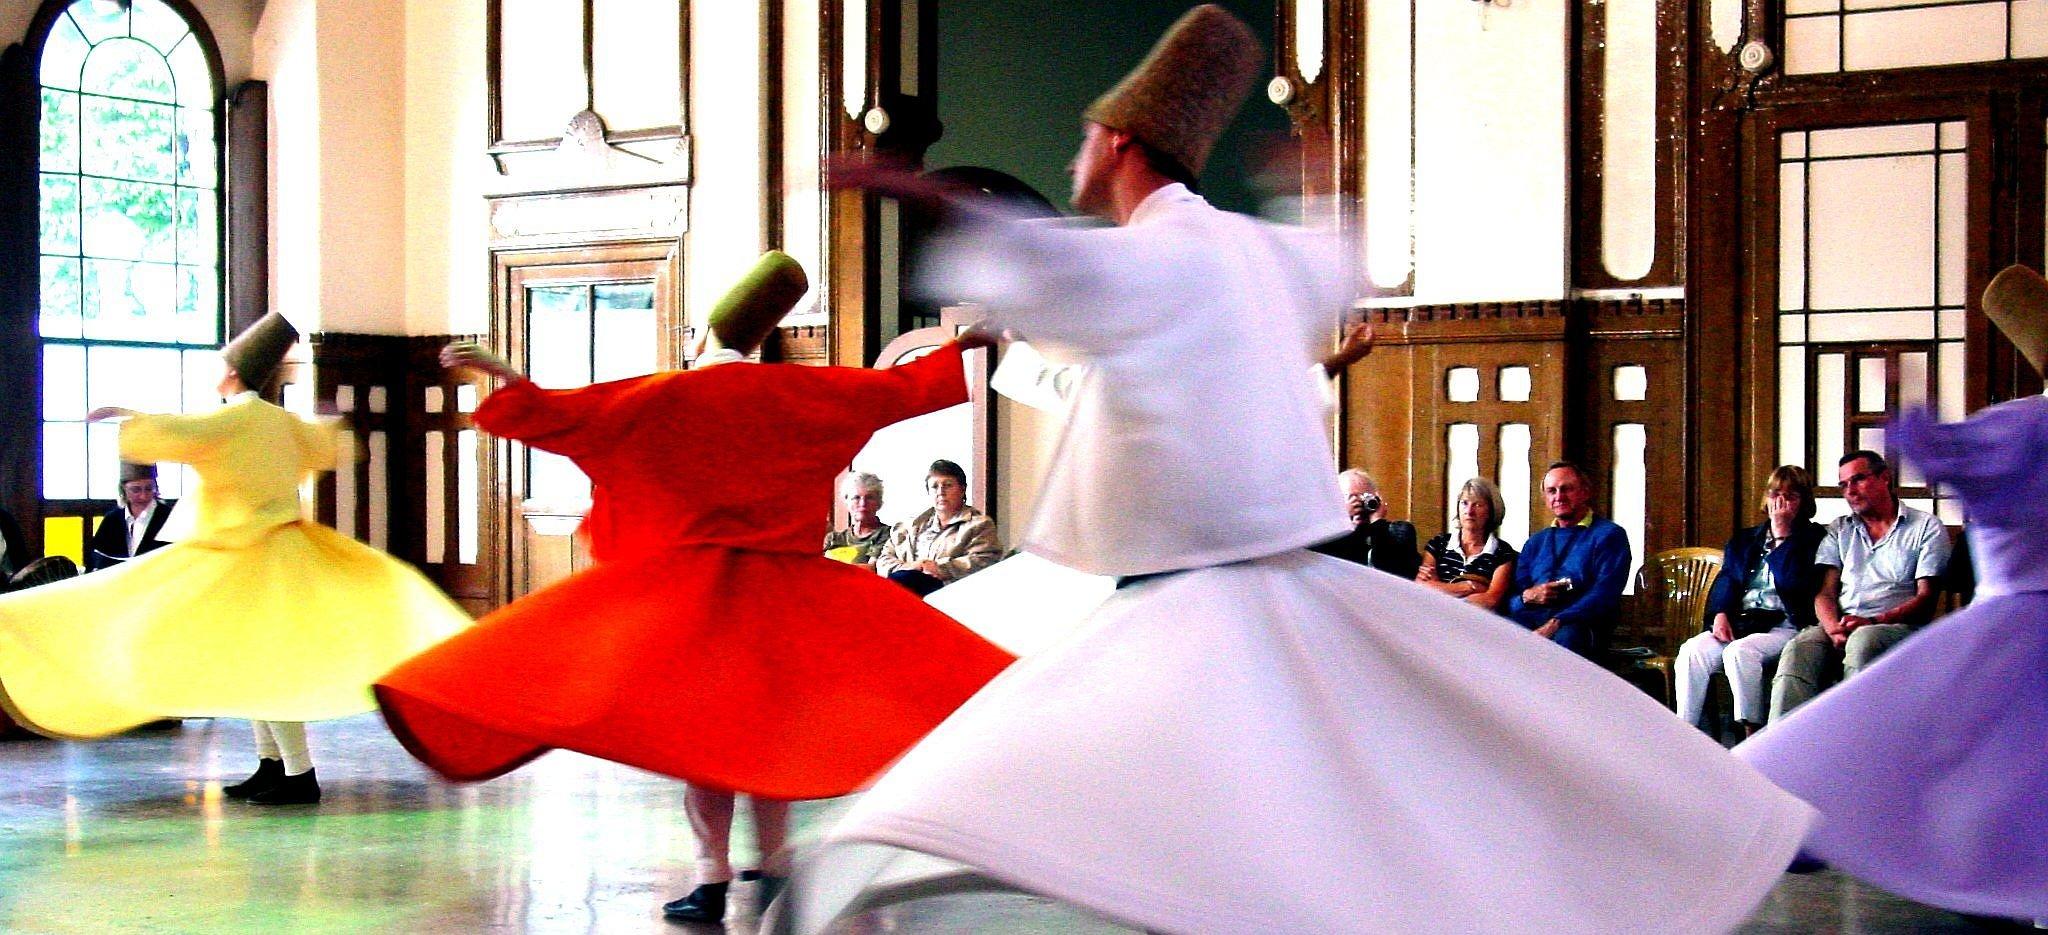 Tańczący derwisze Tańczący derwisze Źródło: Vladimer Shioshvili, licencja: CC BY-SA 2.0.